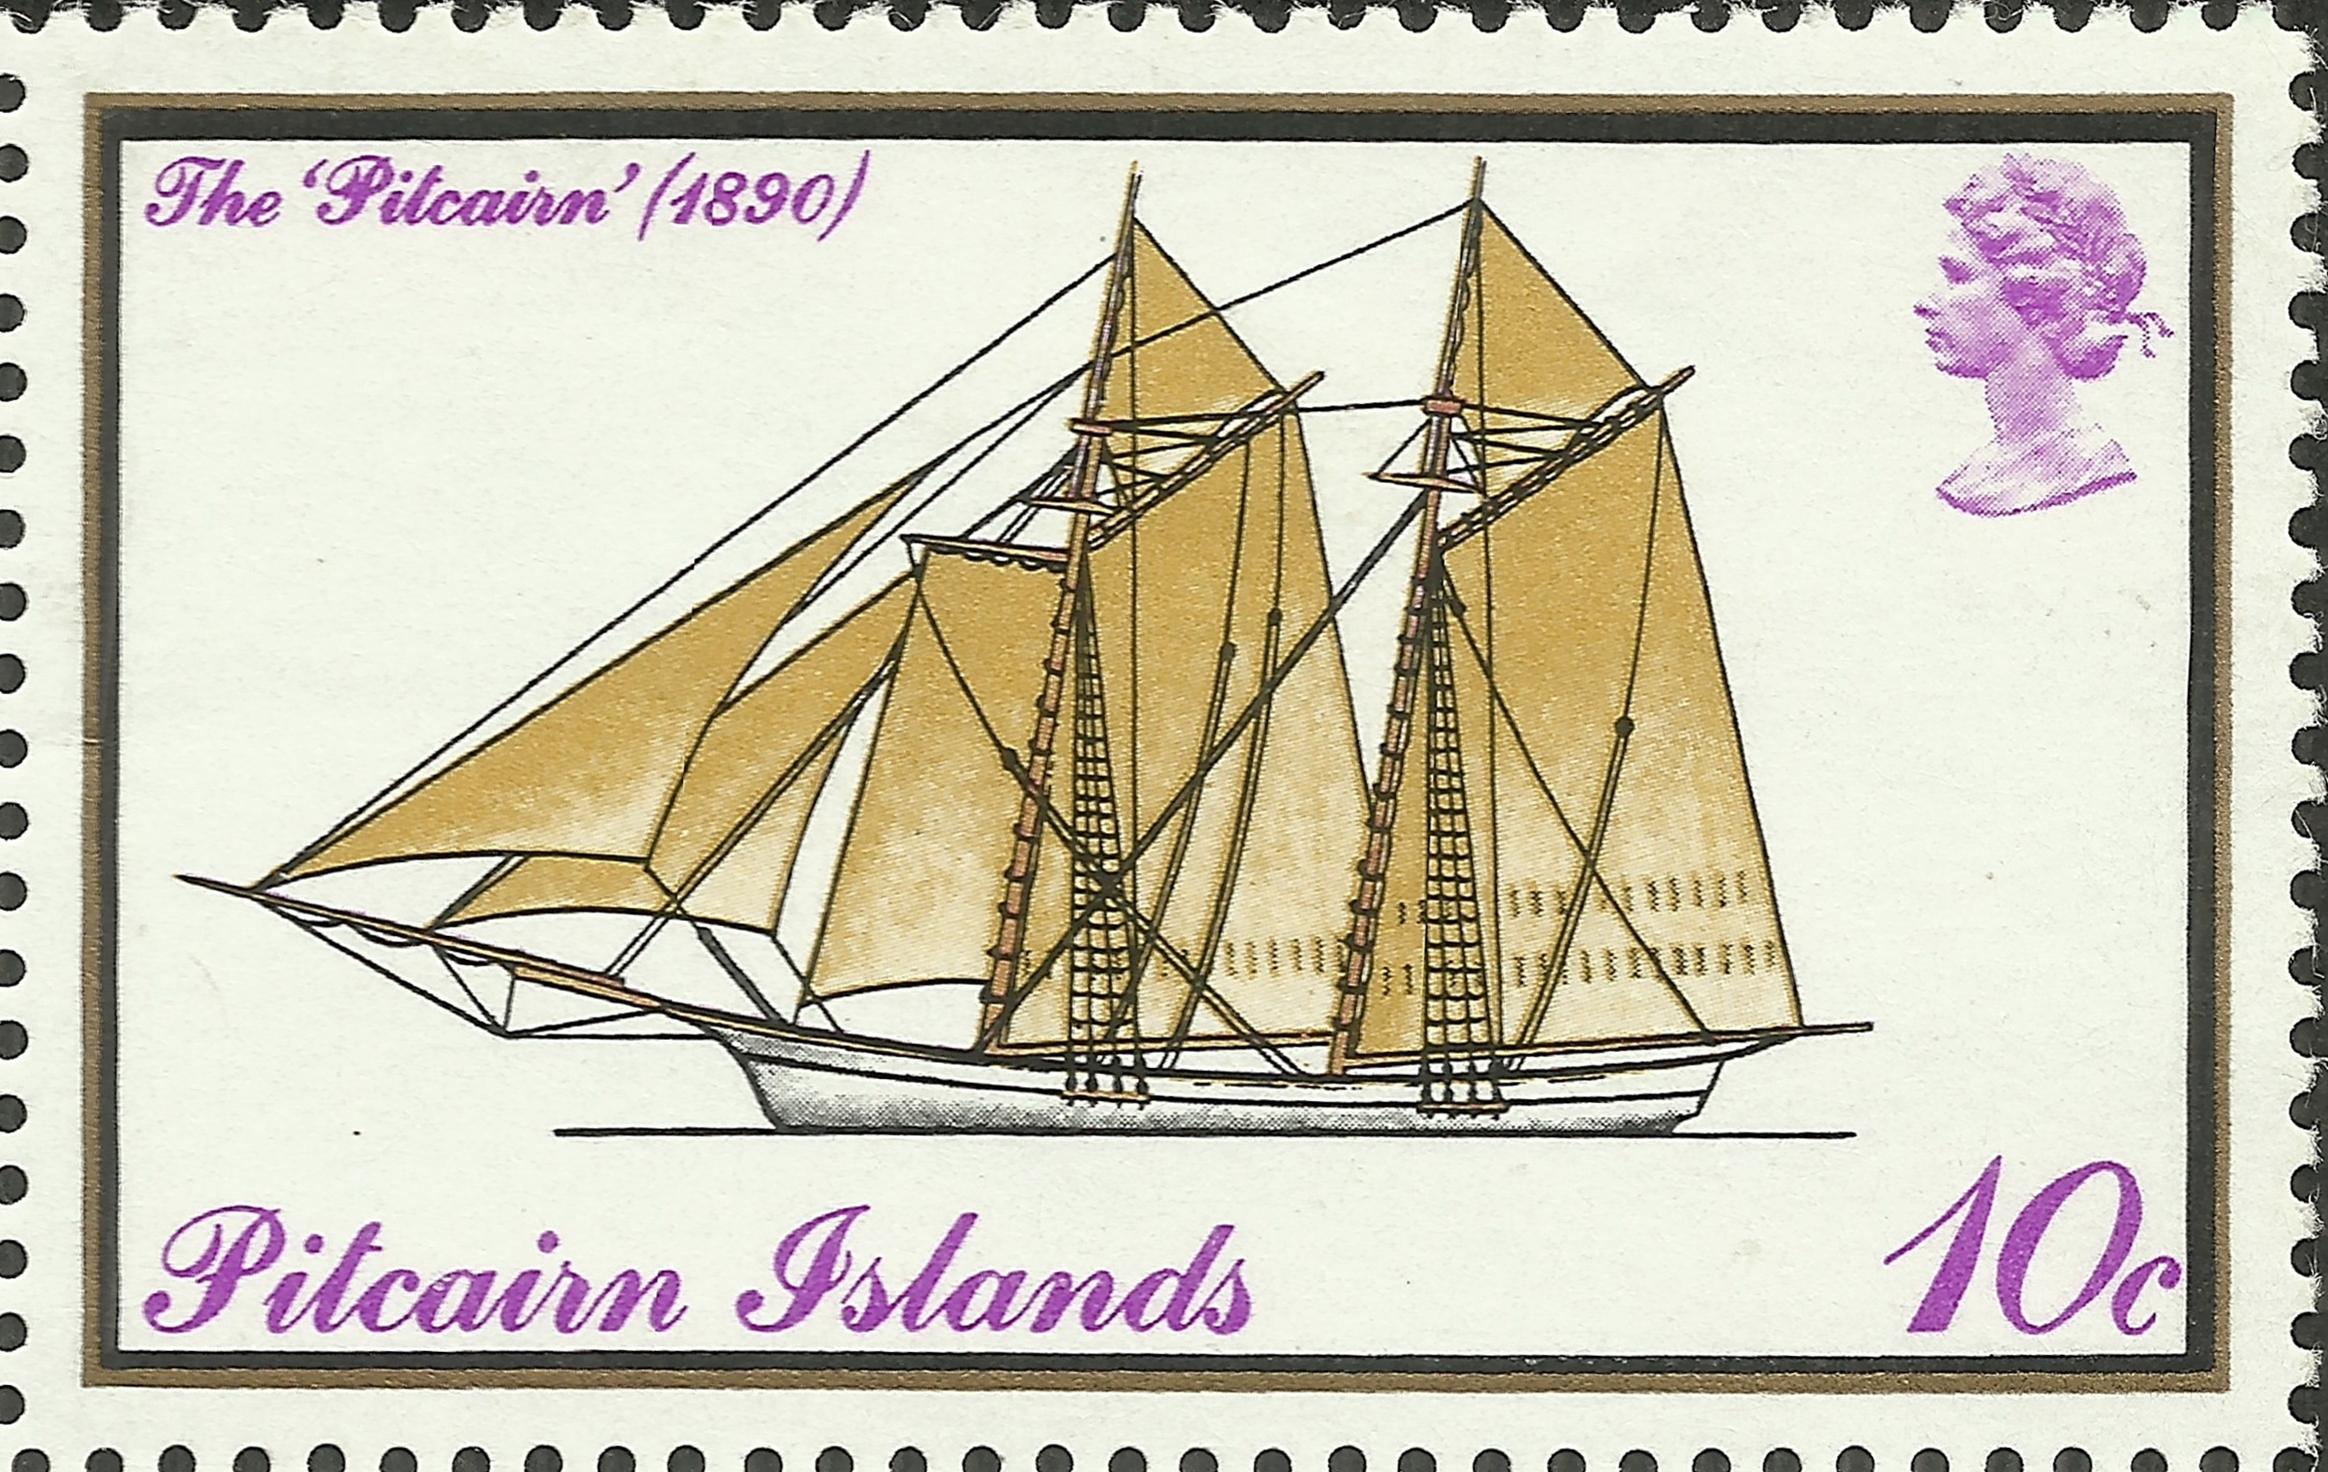 Pitcairn Islands - Scott #148 (1975)